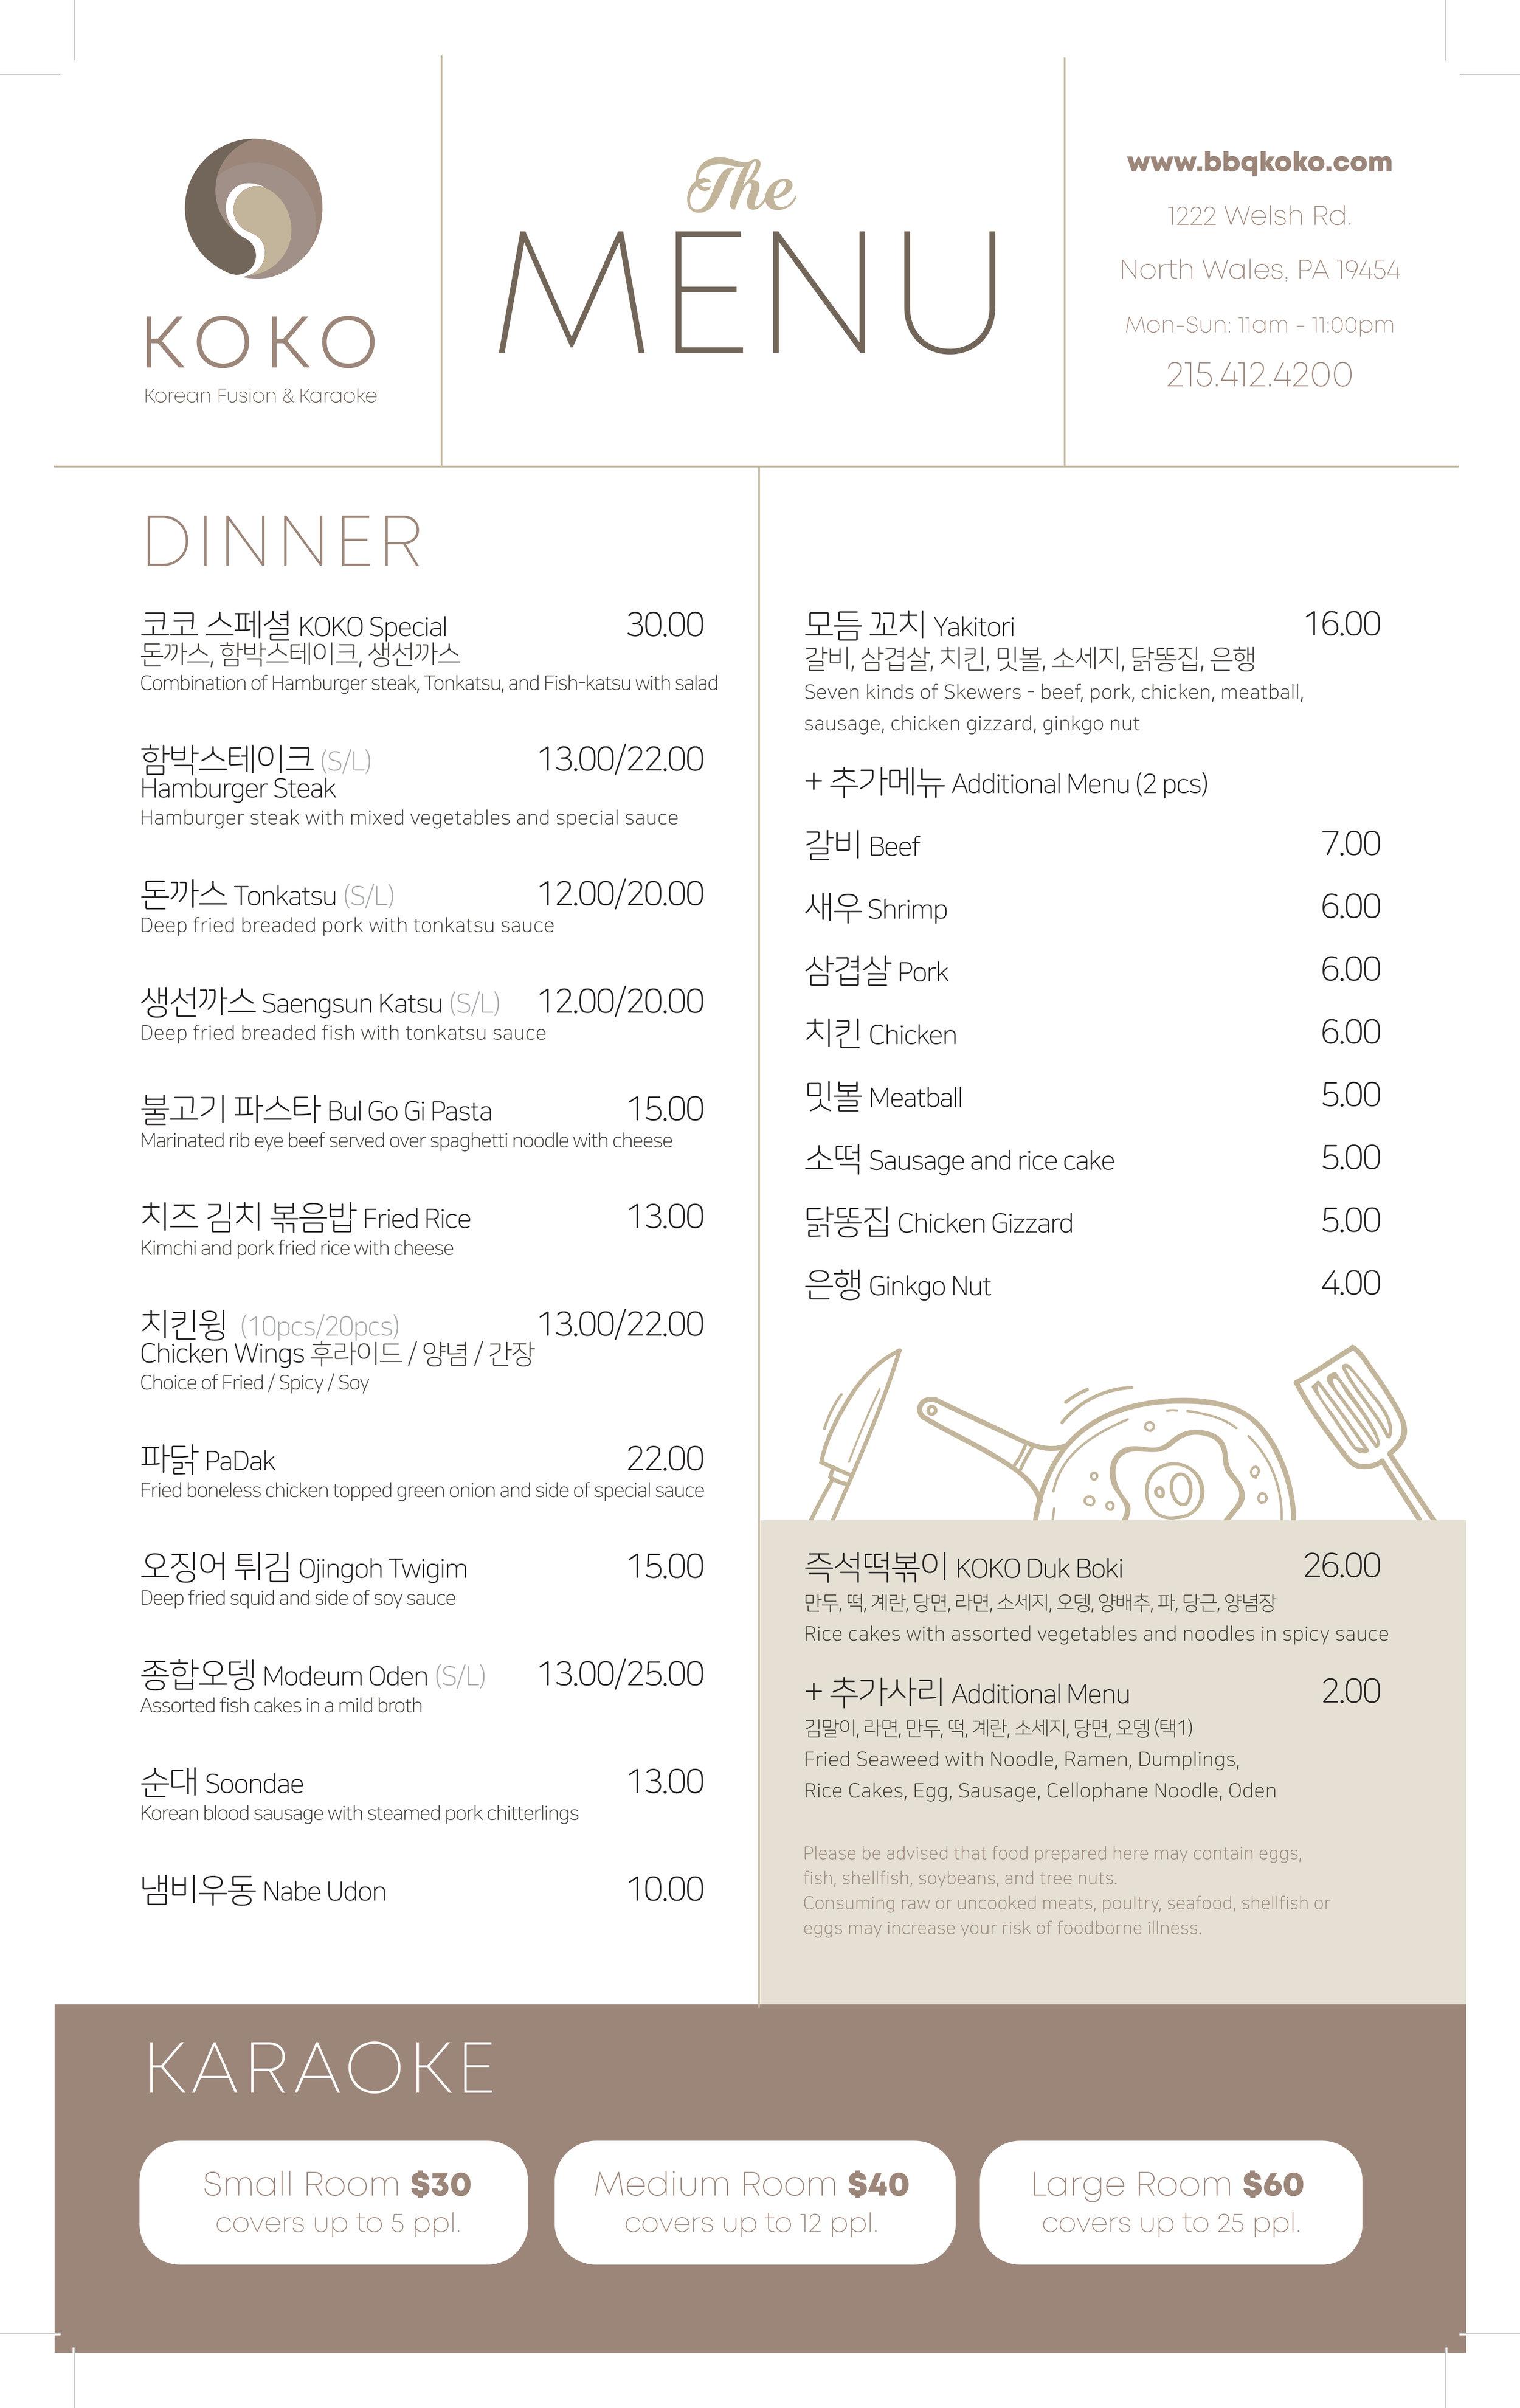 KOKO_Menu_dinner_0129-2.jpg